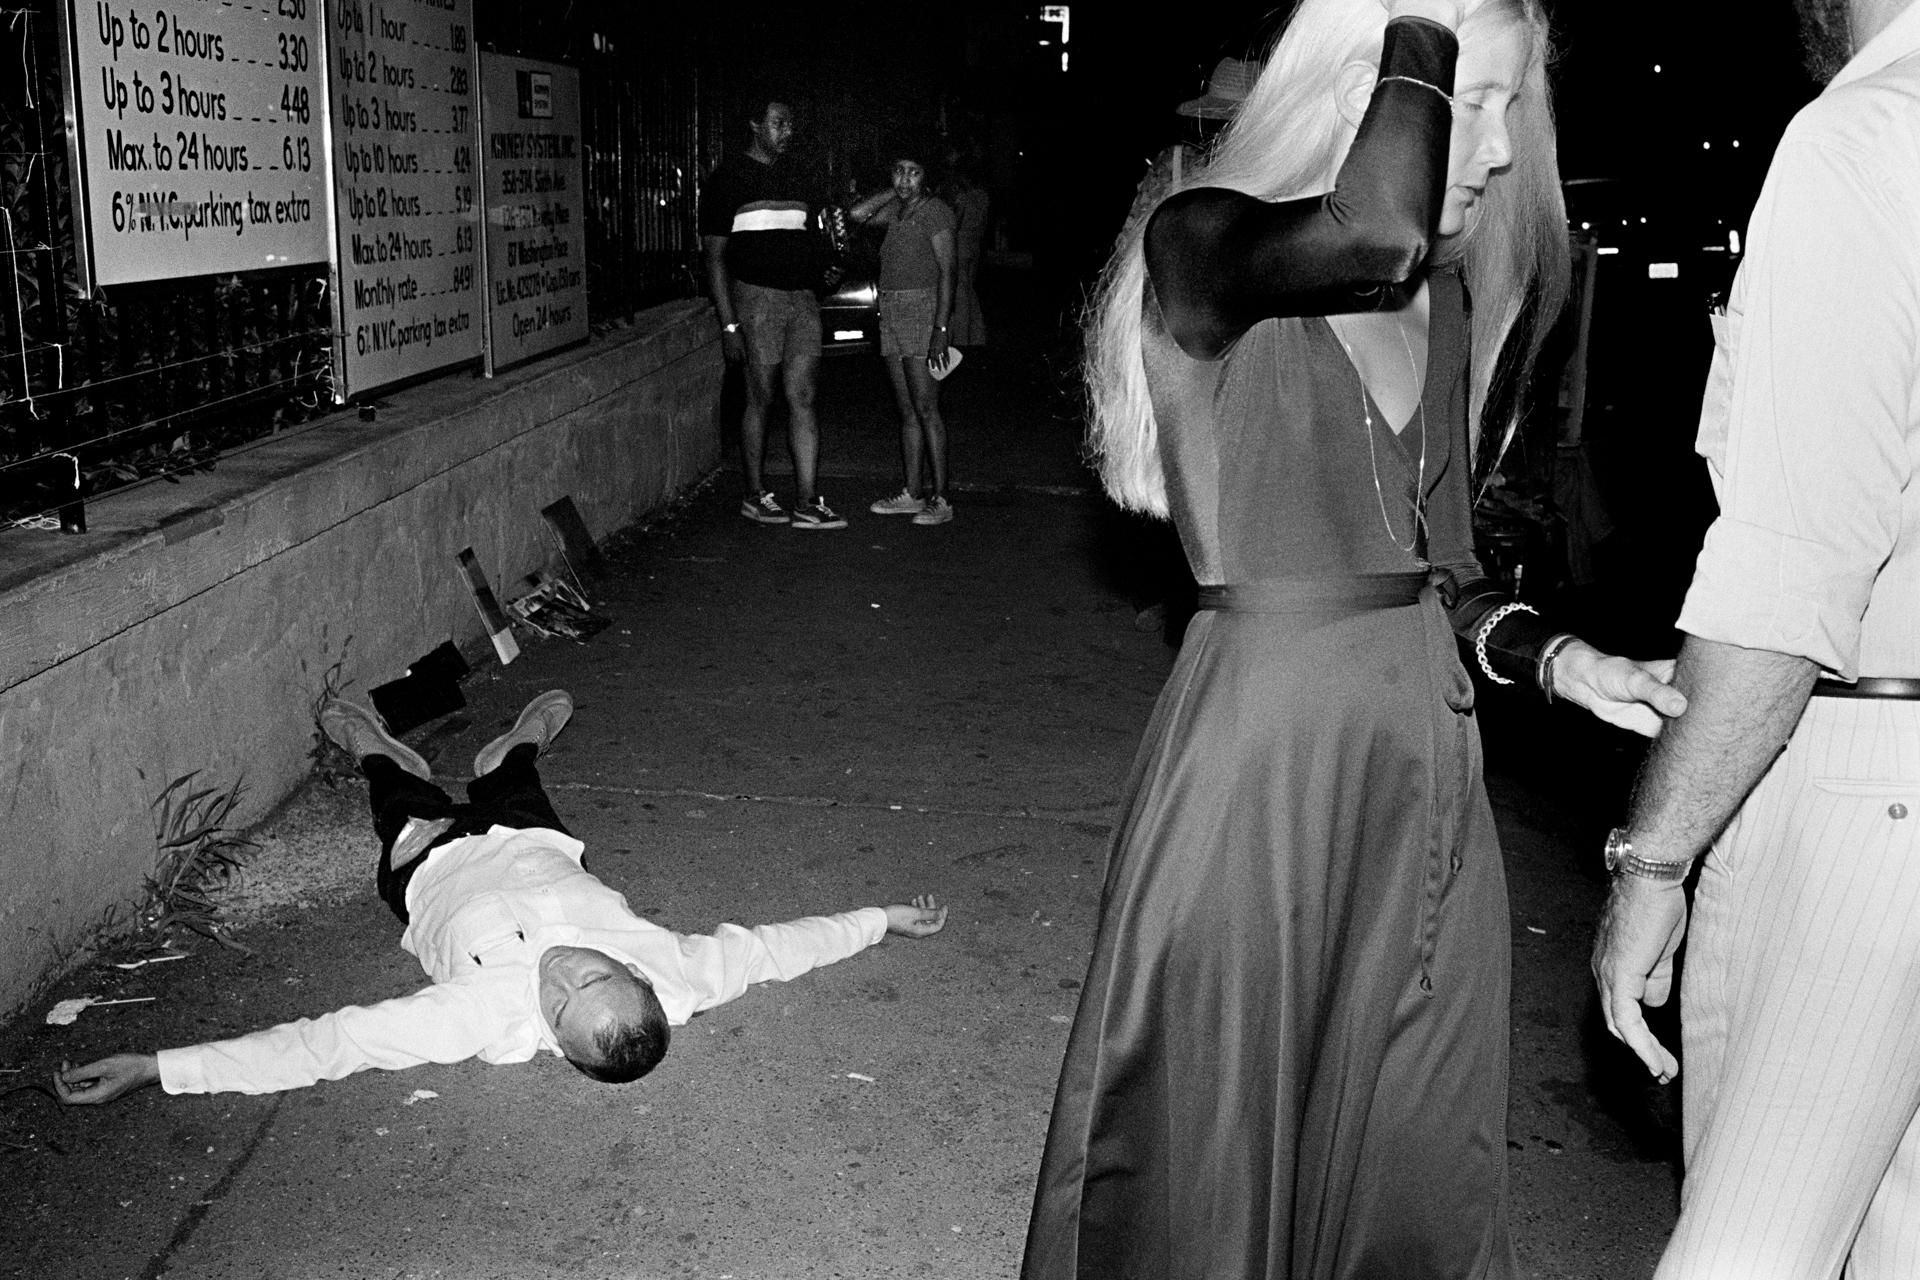 99-DeadDrunk_PhotoIstanbul.jpg